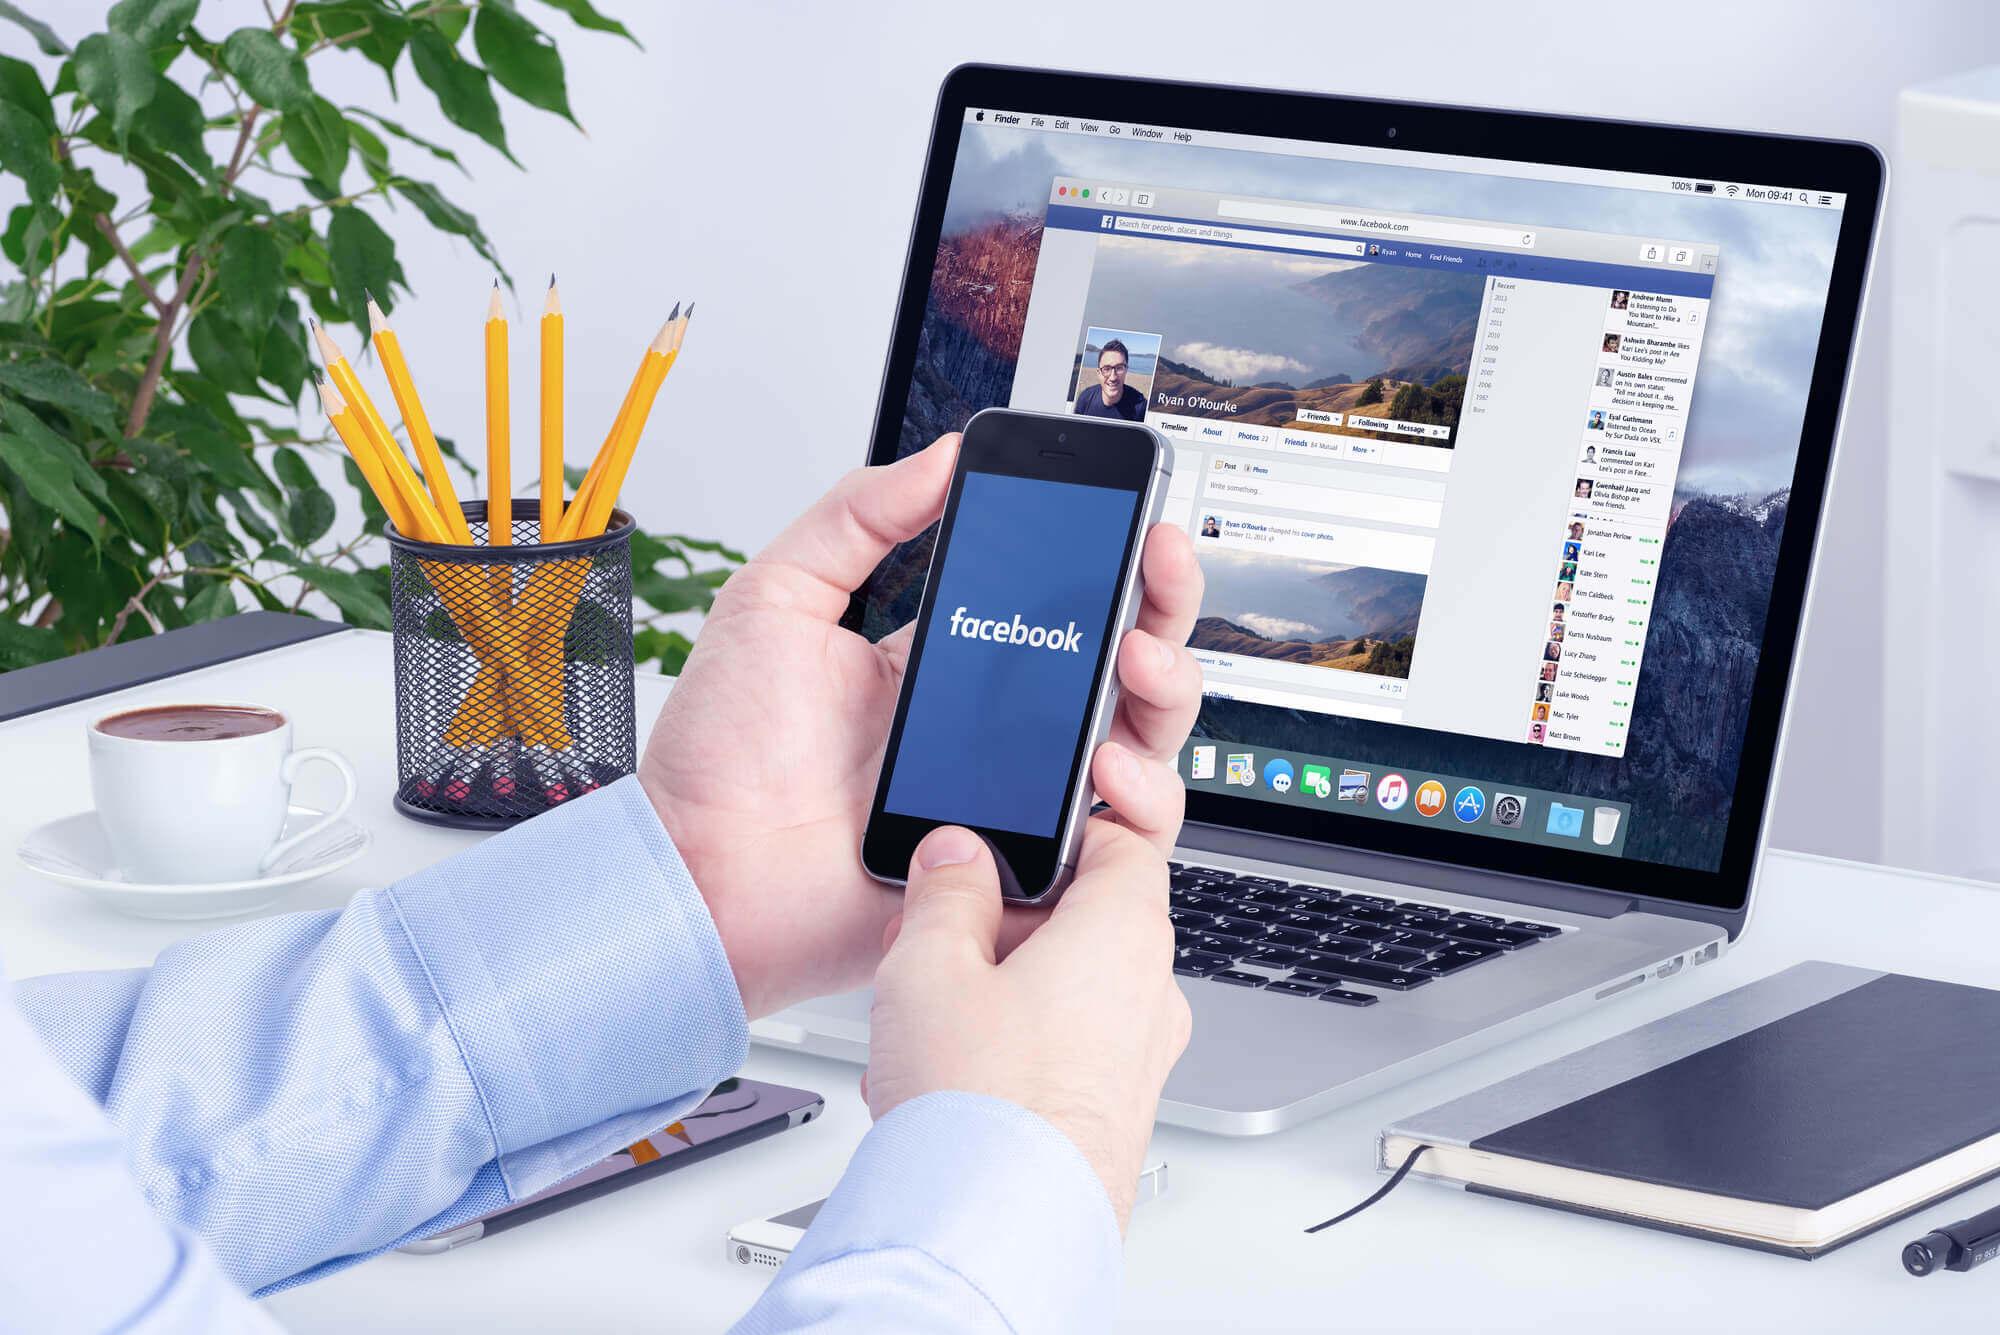 продвижение на фейсбуке